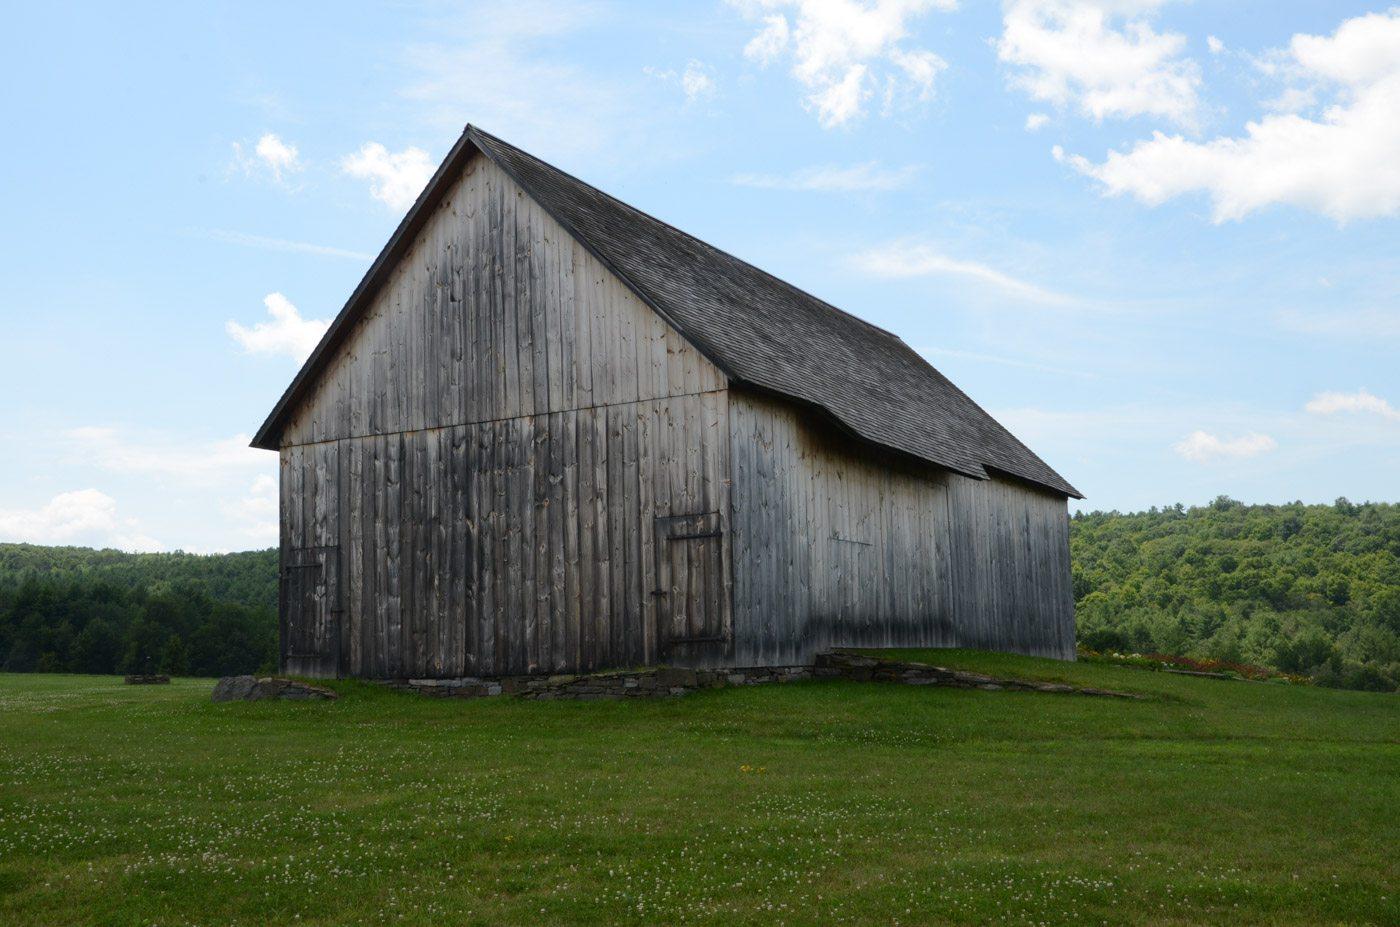 Scottish Barn at Historic Barns of Nipmoose, Photograph by Constance Kheel